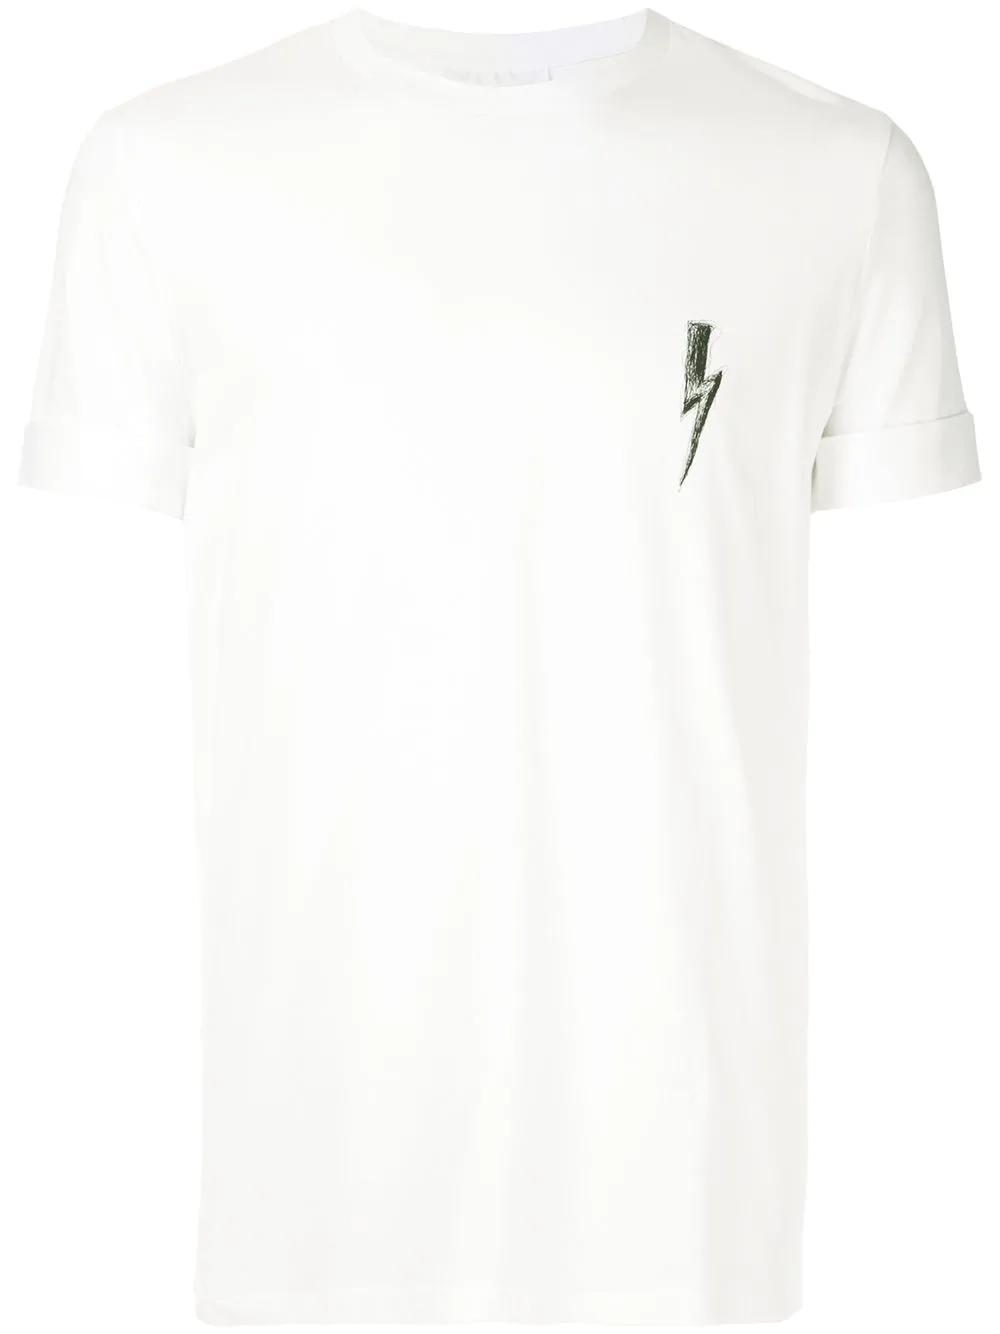 1d255913 Neil Barrett Lightning Bolt T-Shirt - White | ModeSens